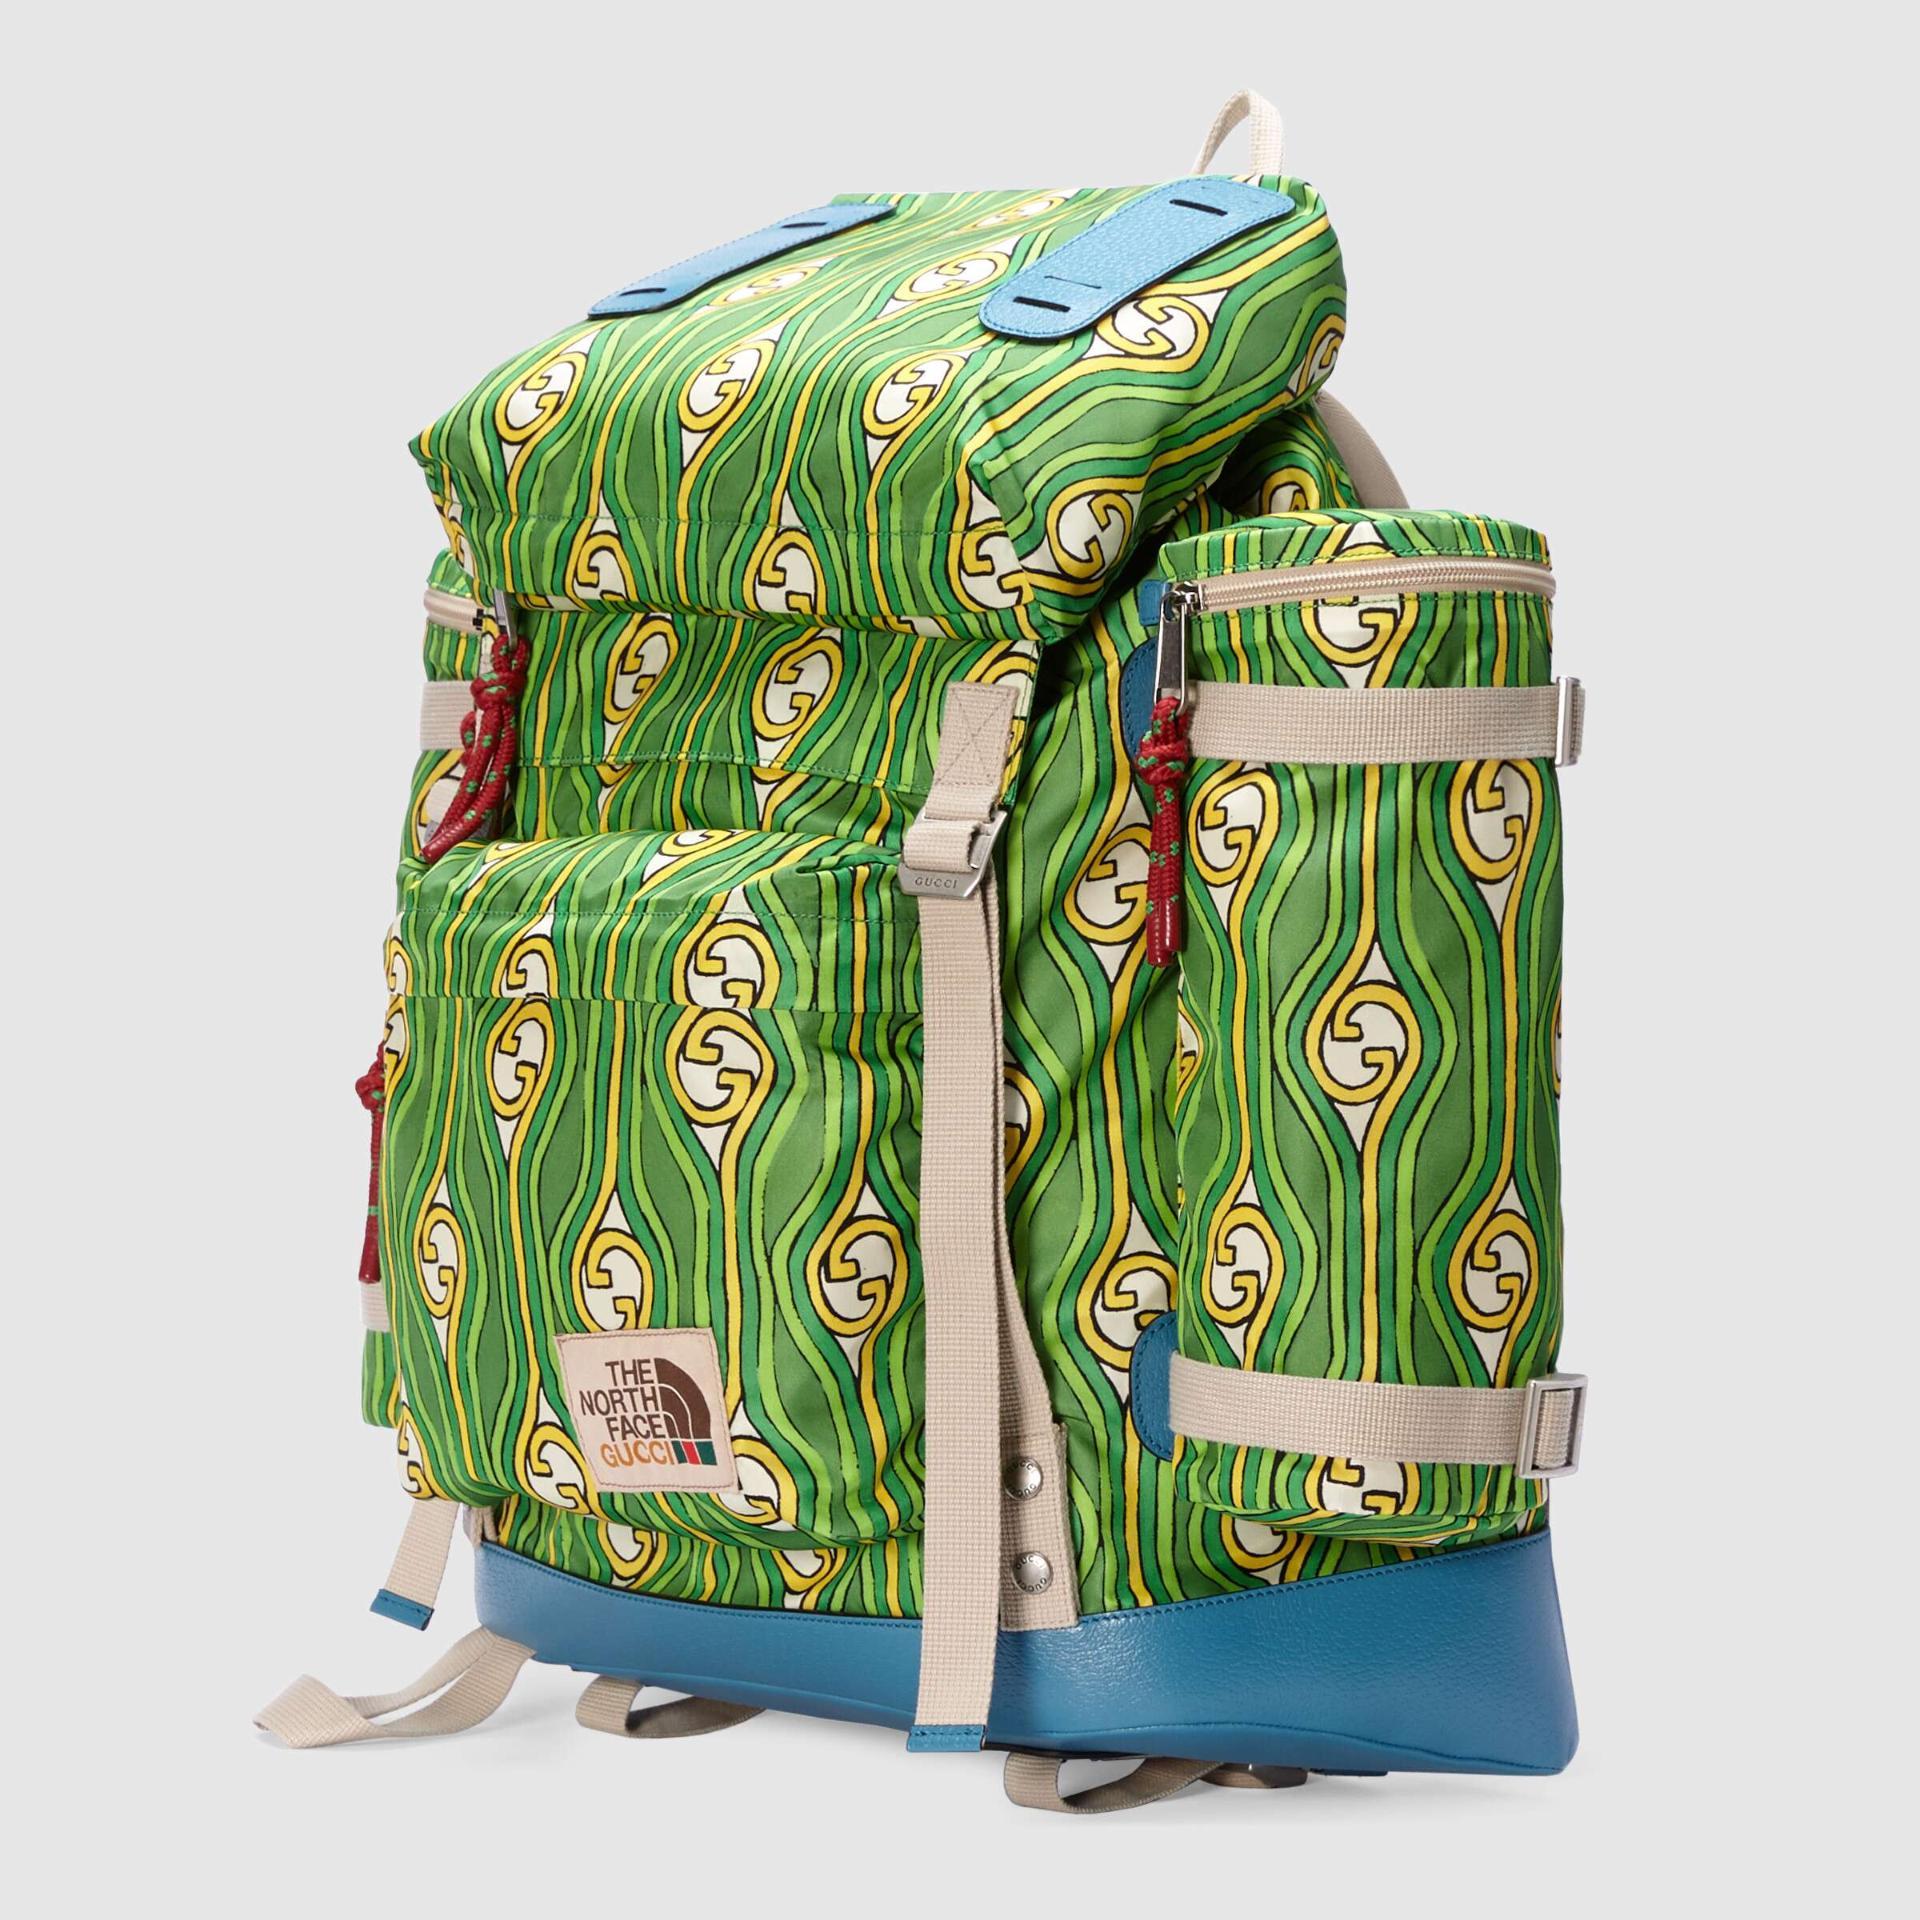 유럽직배송 구찌 GUCCI Gucci - The North Face x Gucci large backpack 6502942QTBN3186